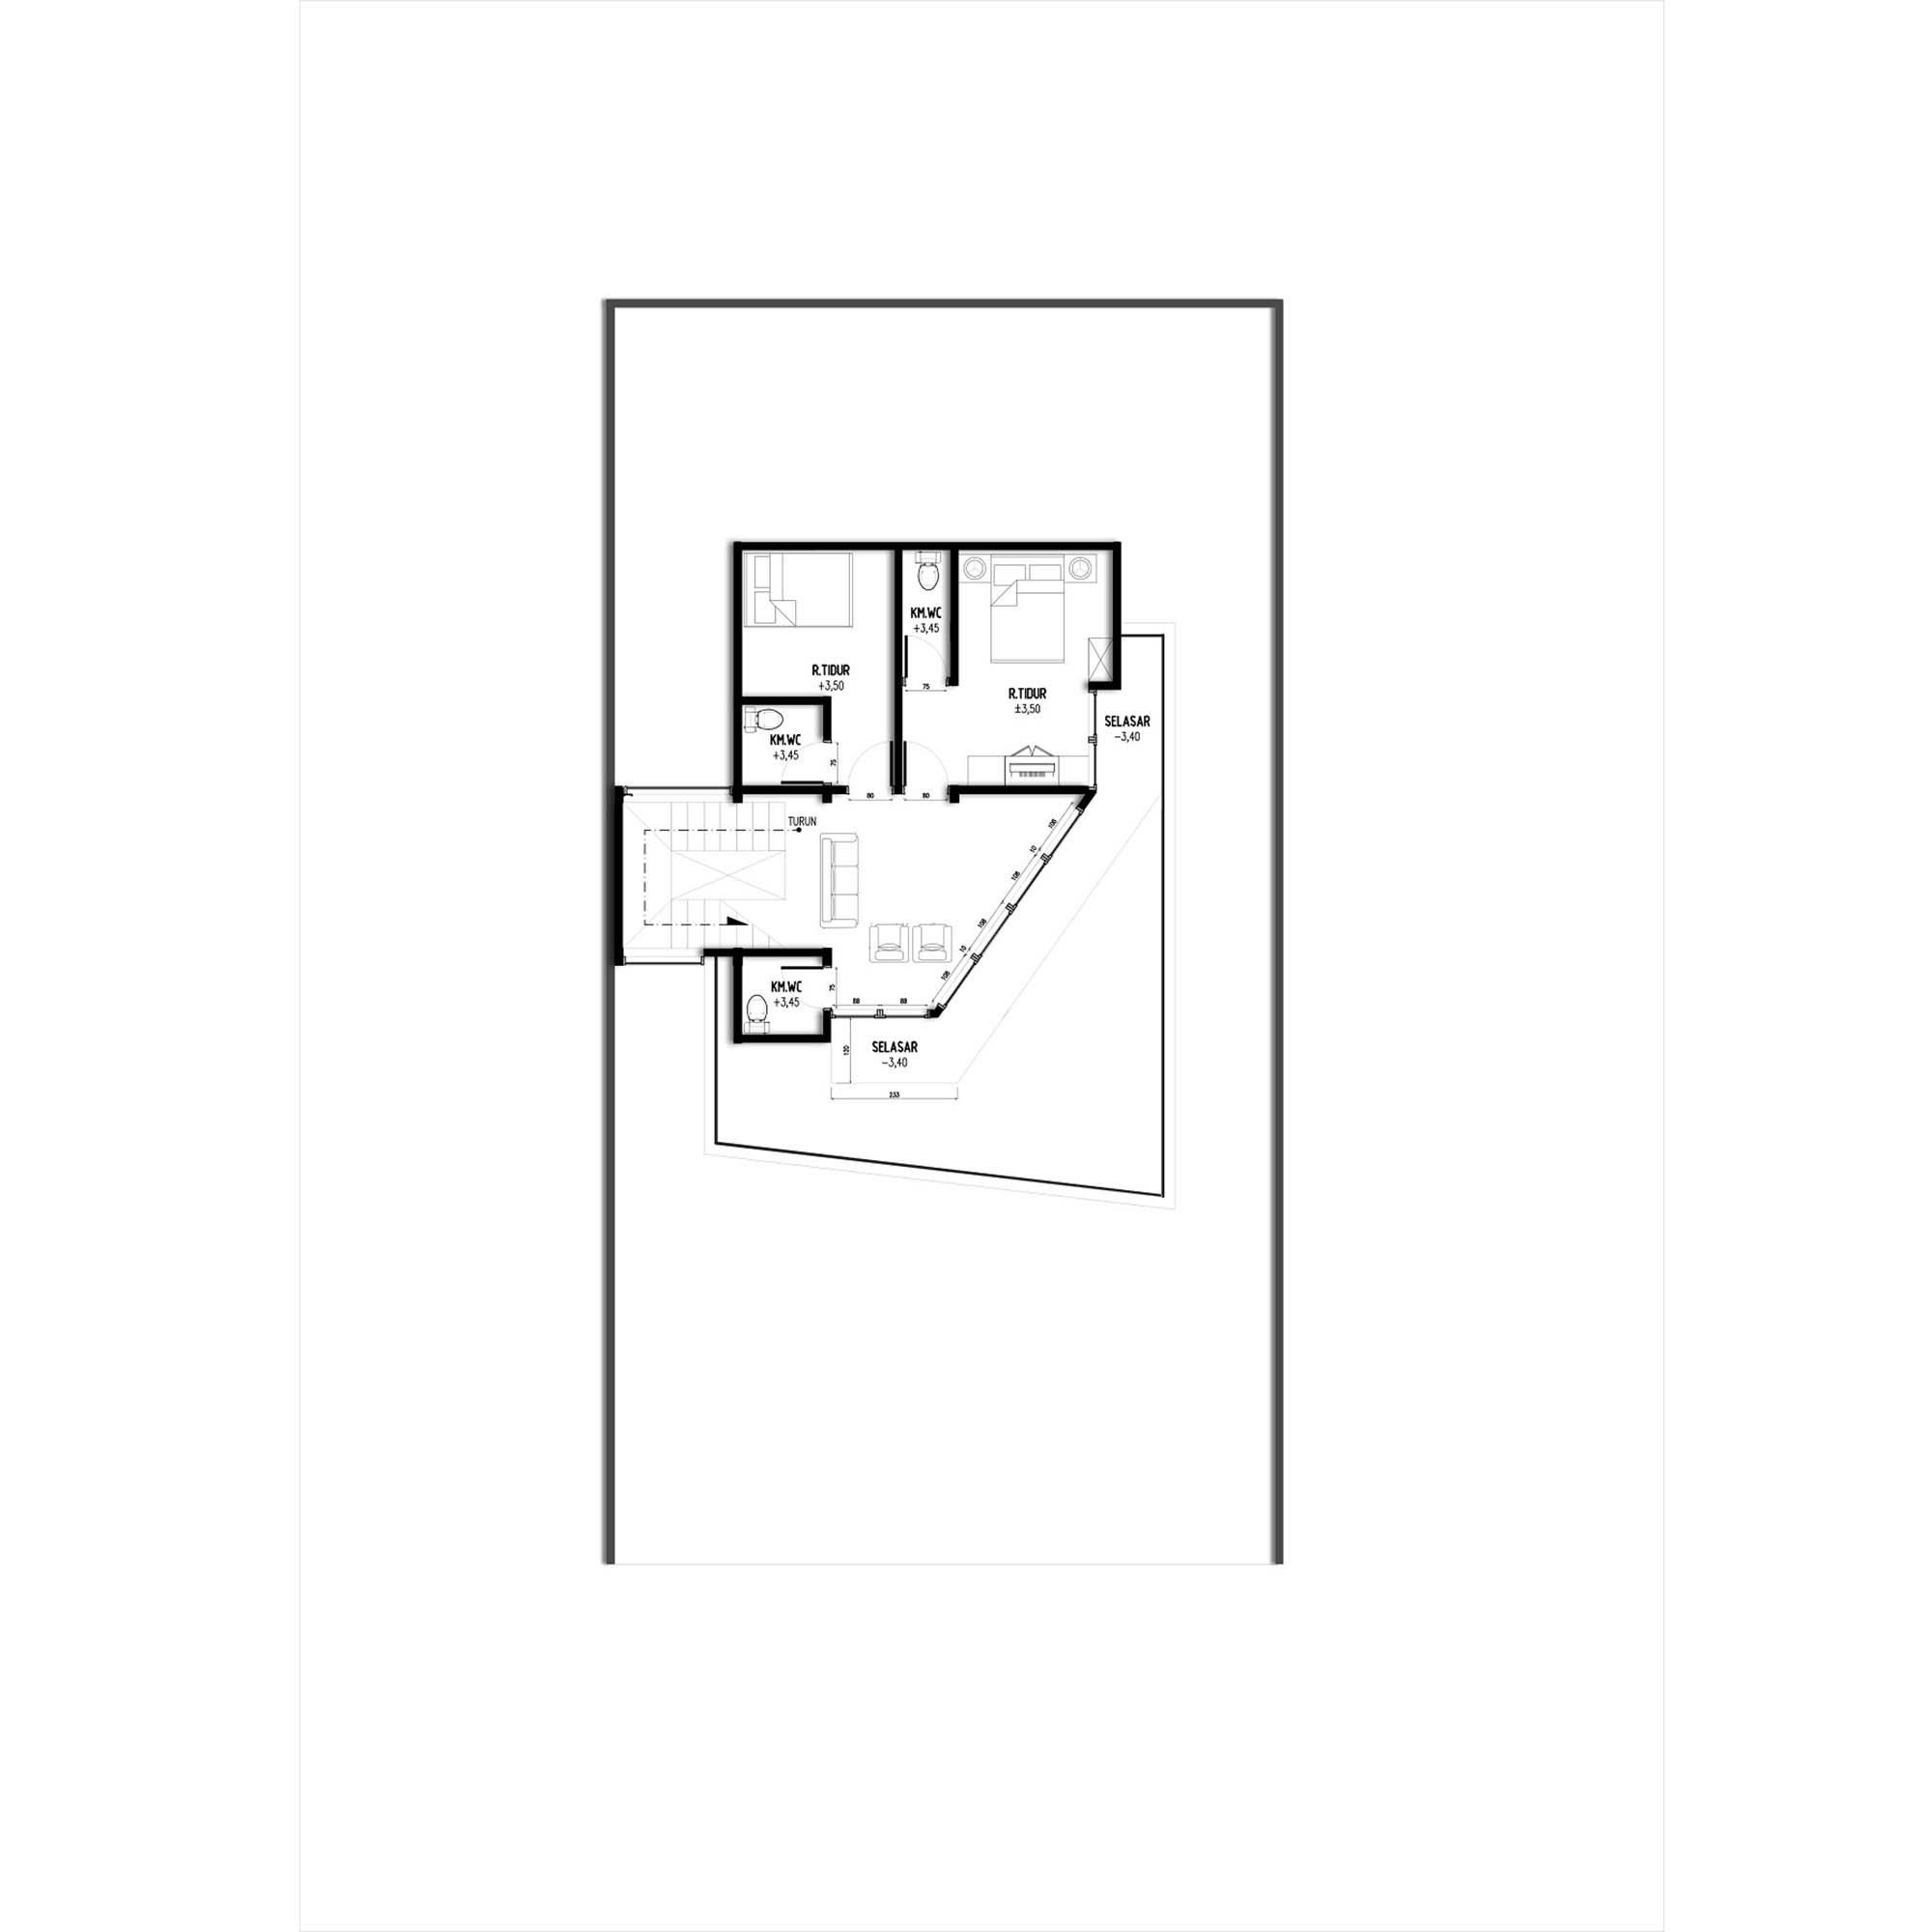 SL HOUSE (4)